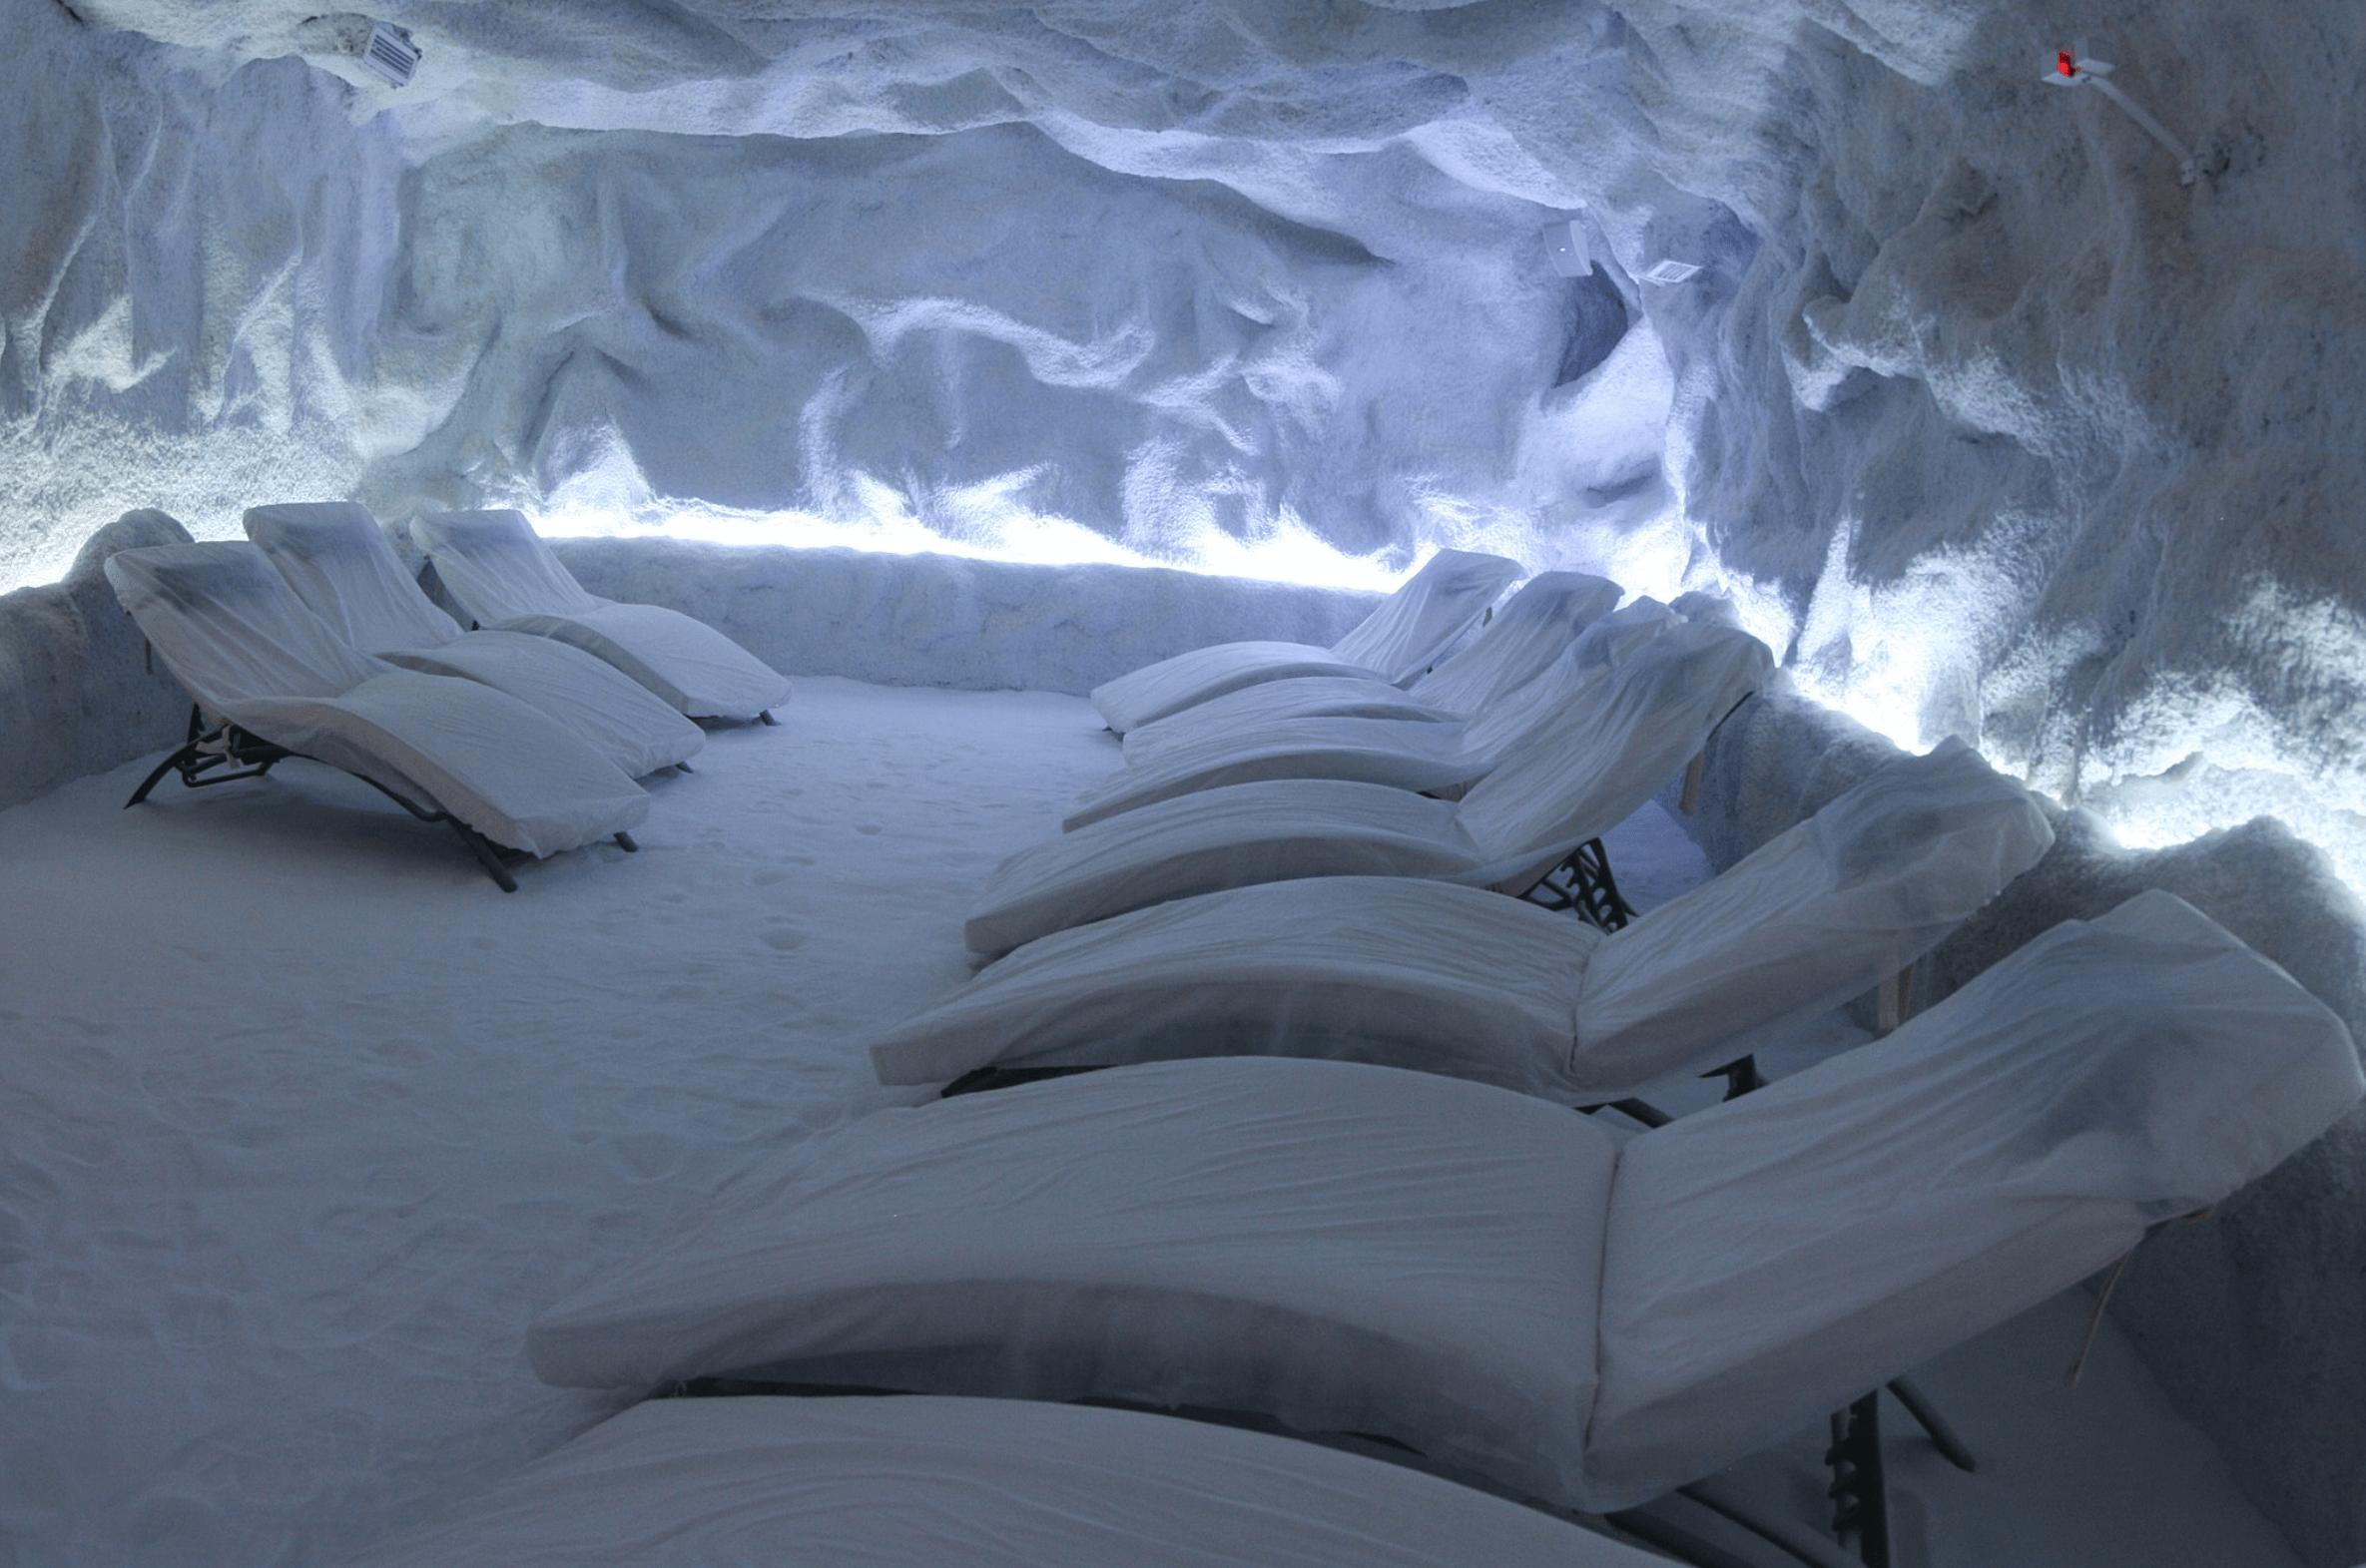 cuevas de sal haloterapia